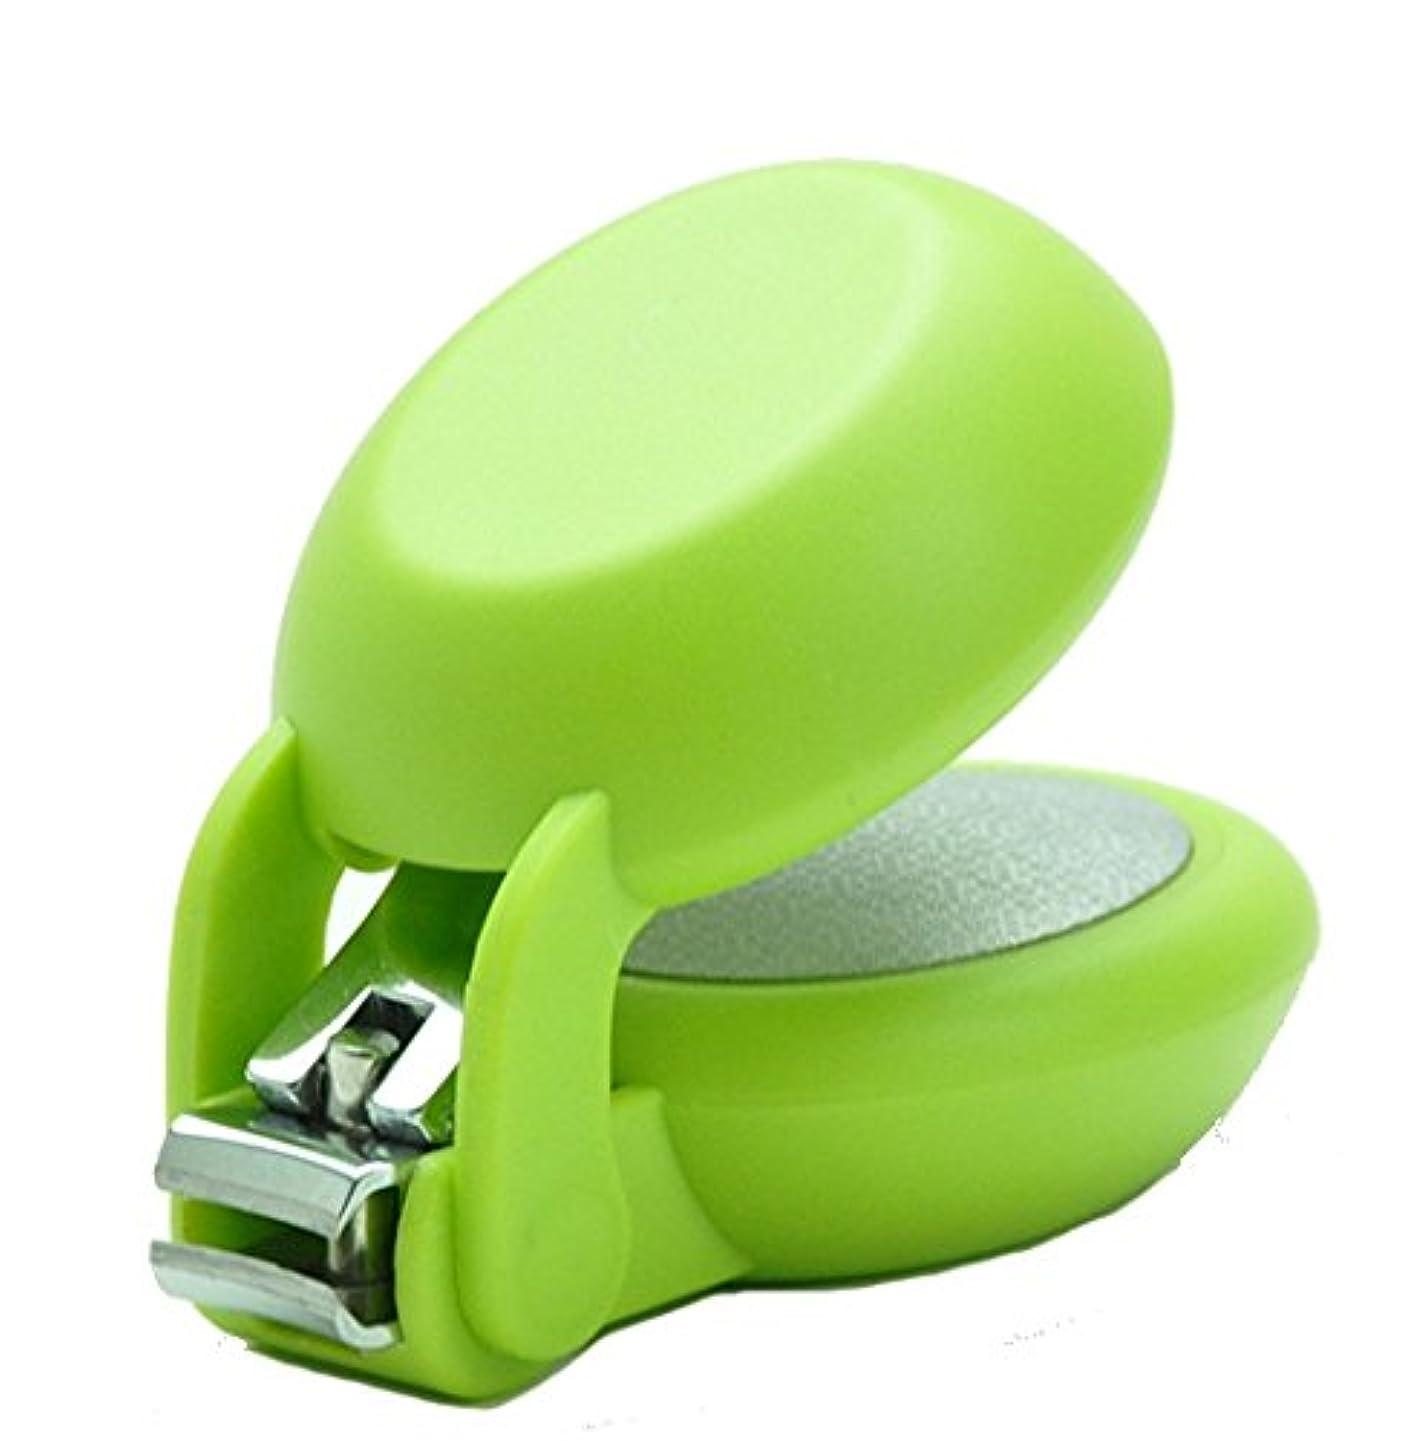 討論レンジ普通に爪切り nail clipper (ネイルクリッパー) Nail+ (ネイルプラス) Green (グリーン)